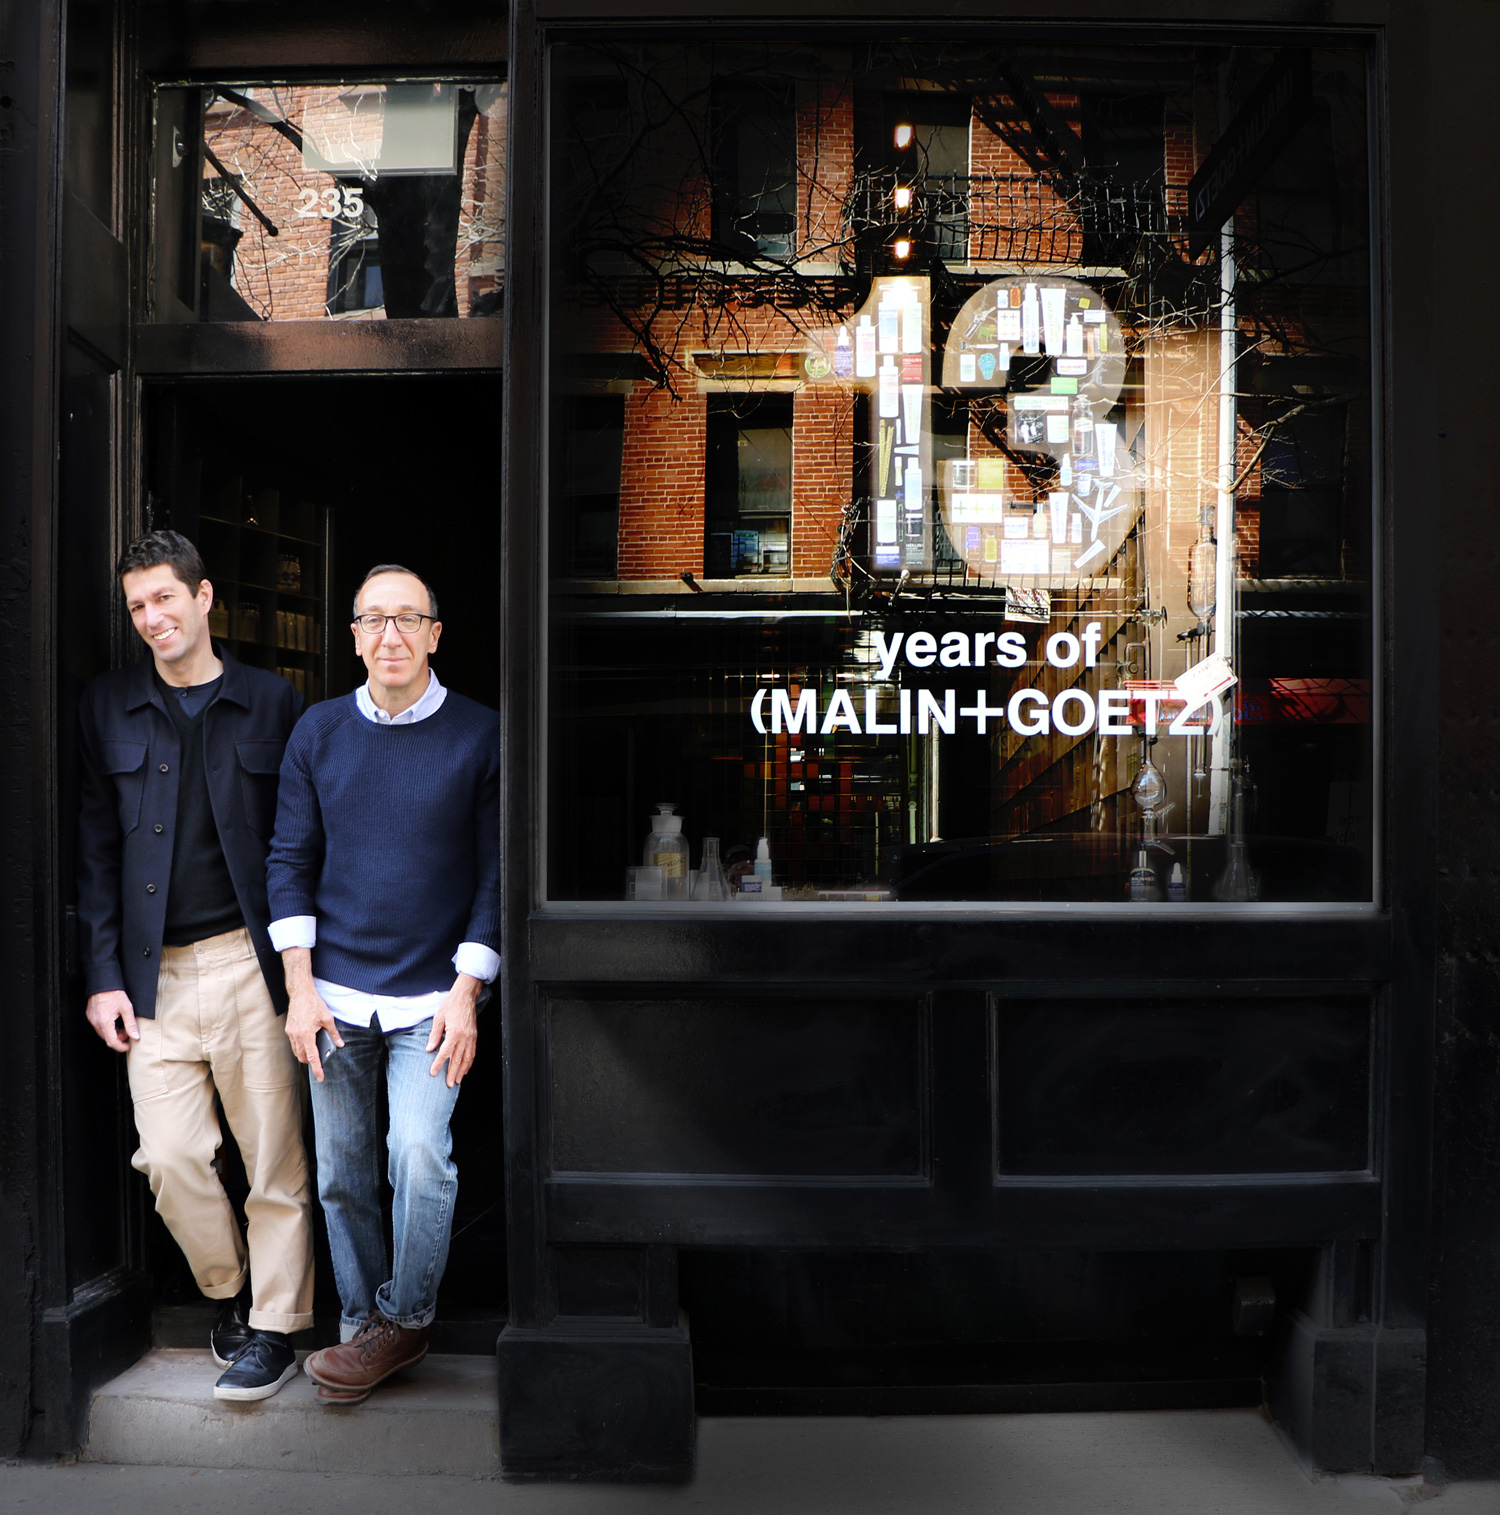 Matthew Malin and Andrew Goetz